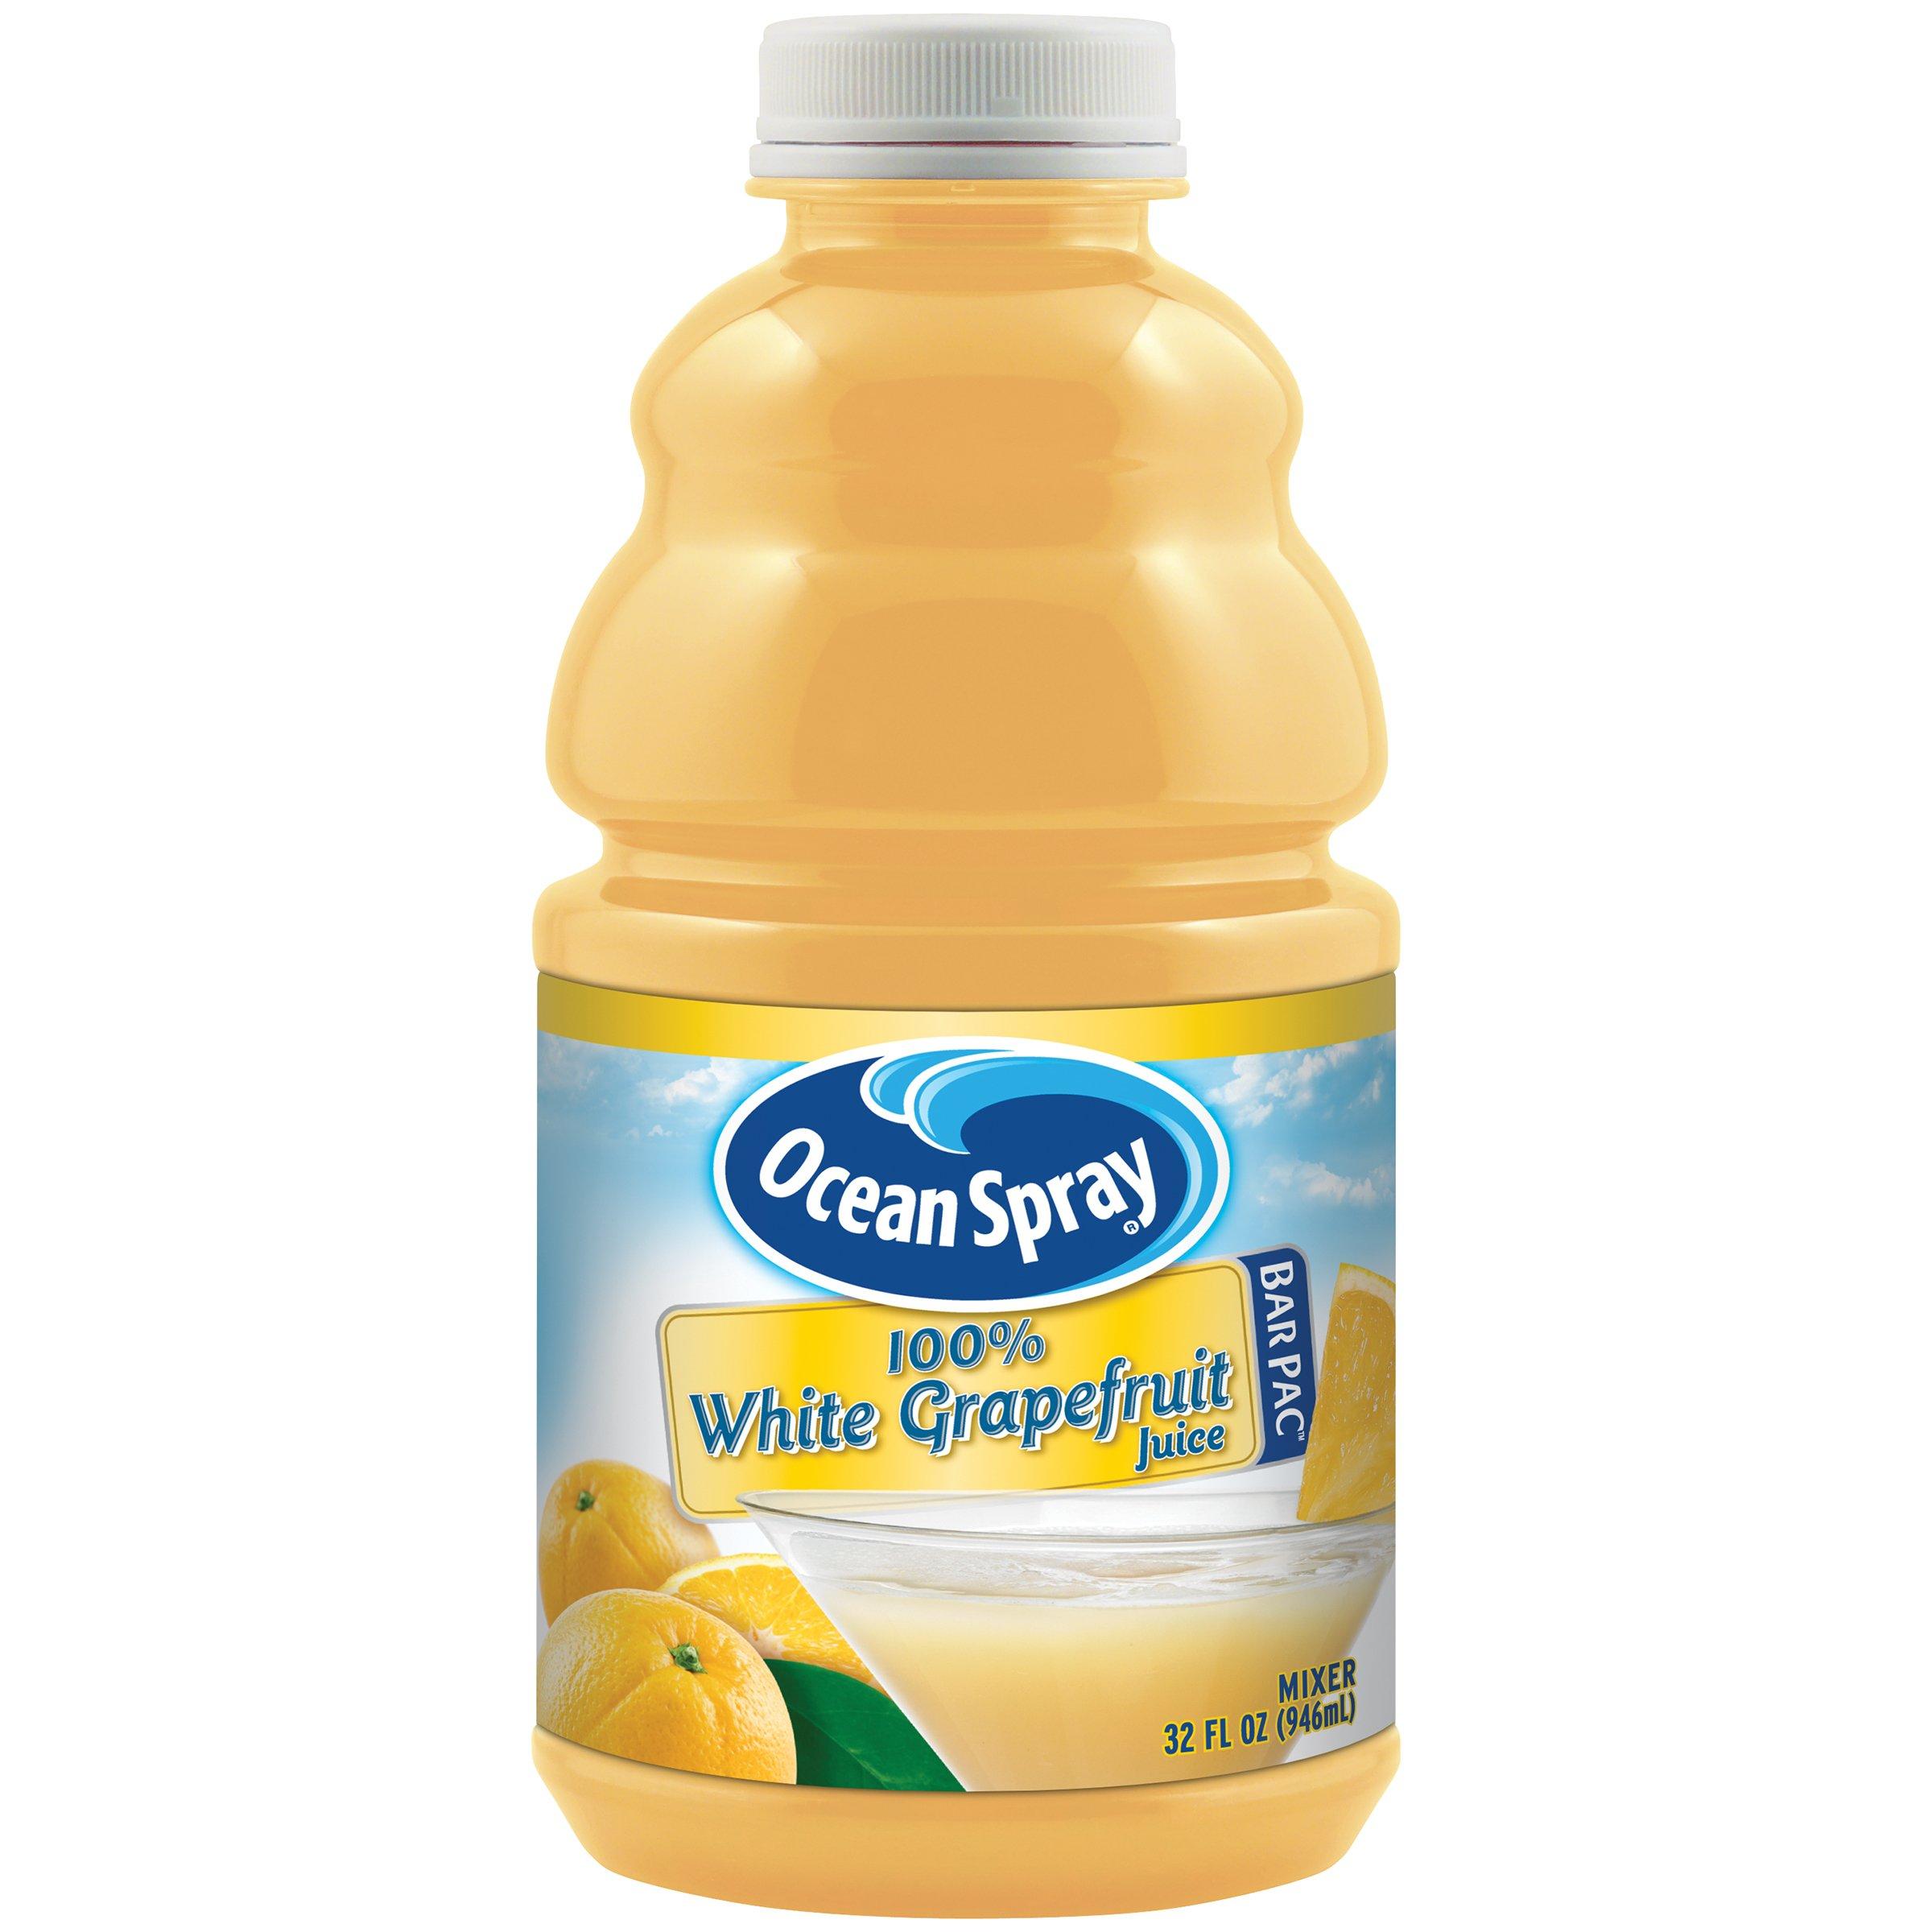 Ocean Spray 100% White Grapefruit Juice, 32 oz., Pack of 12 by Ocean Spray